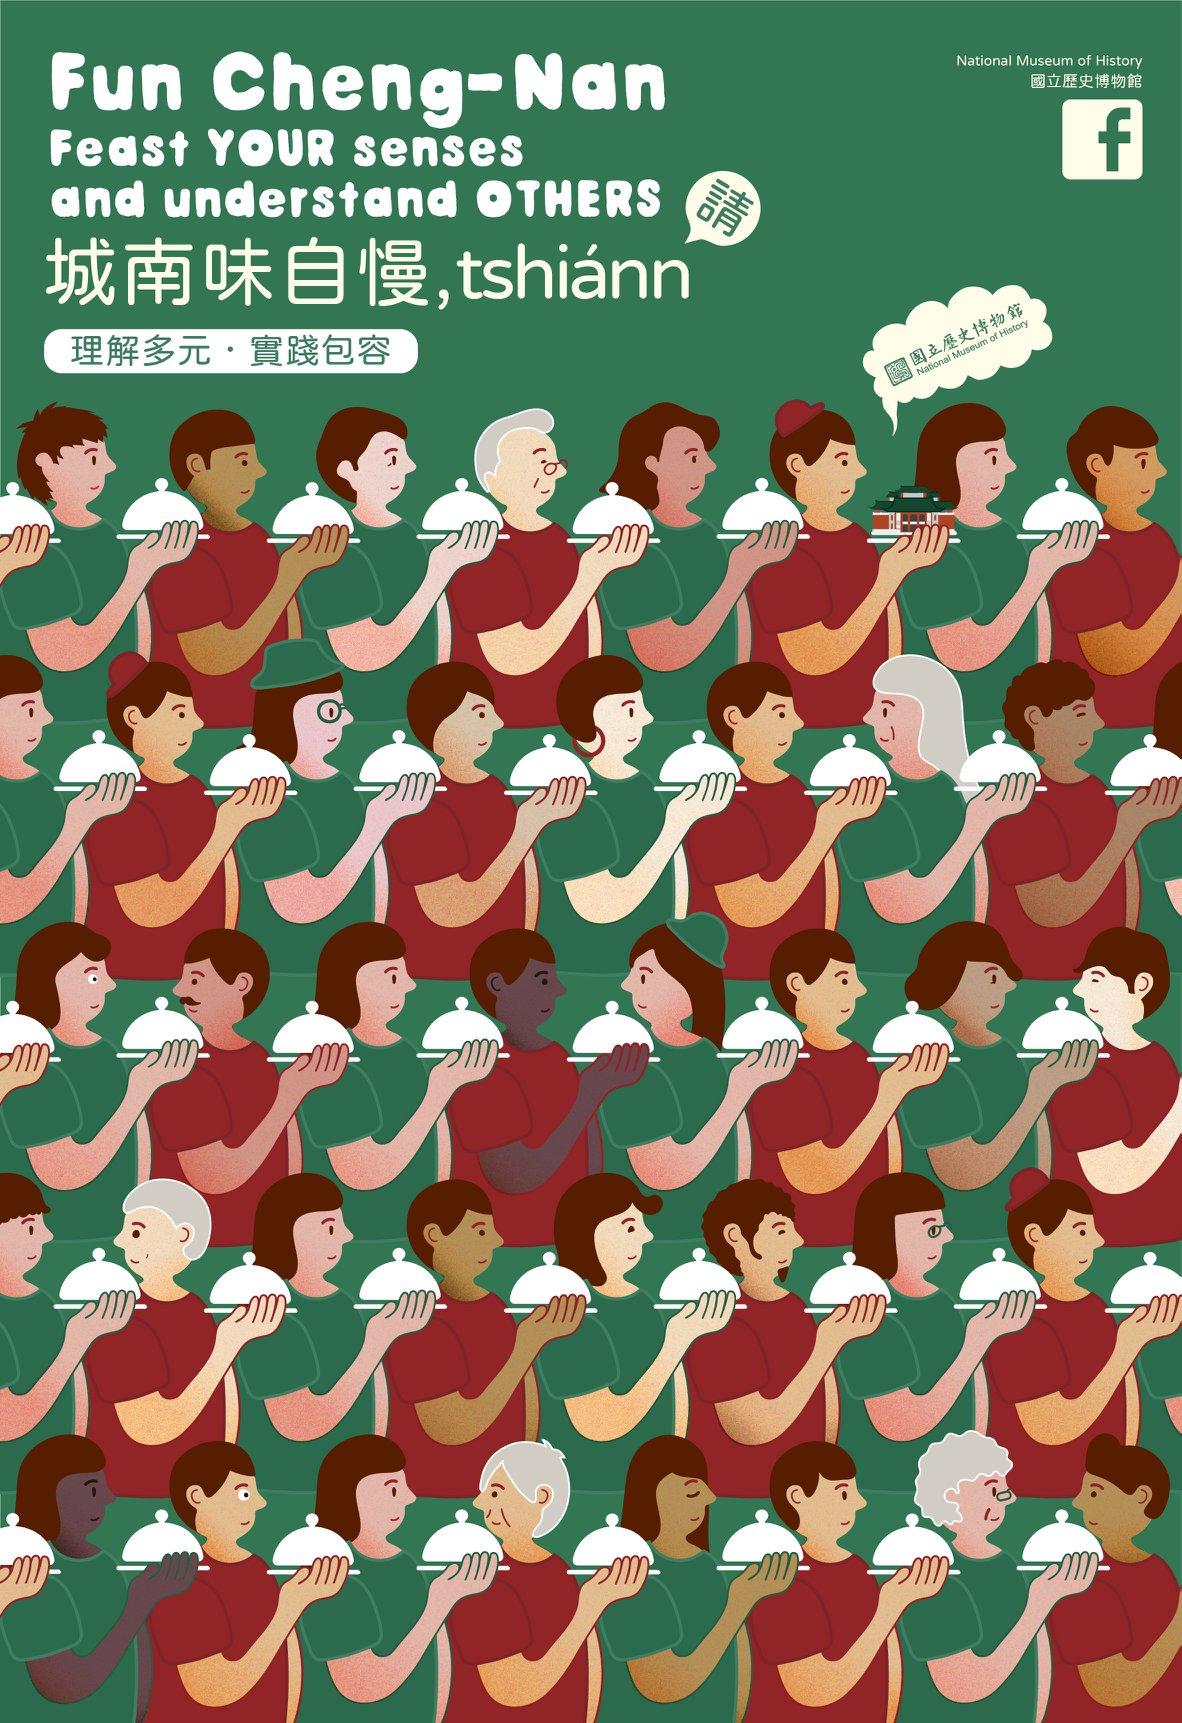 國立歷史博物館:2020/5月—2020/12月【城南味自慢,tshiánn(請)】